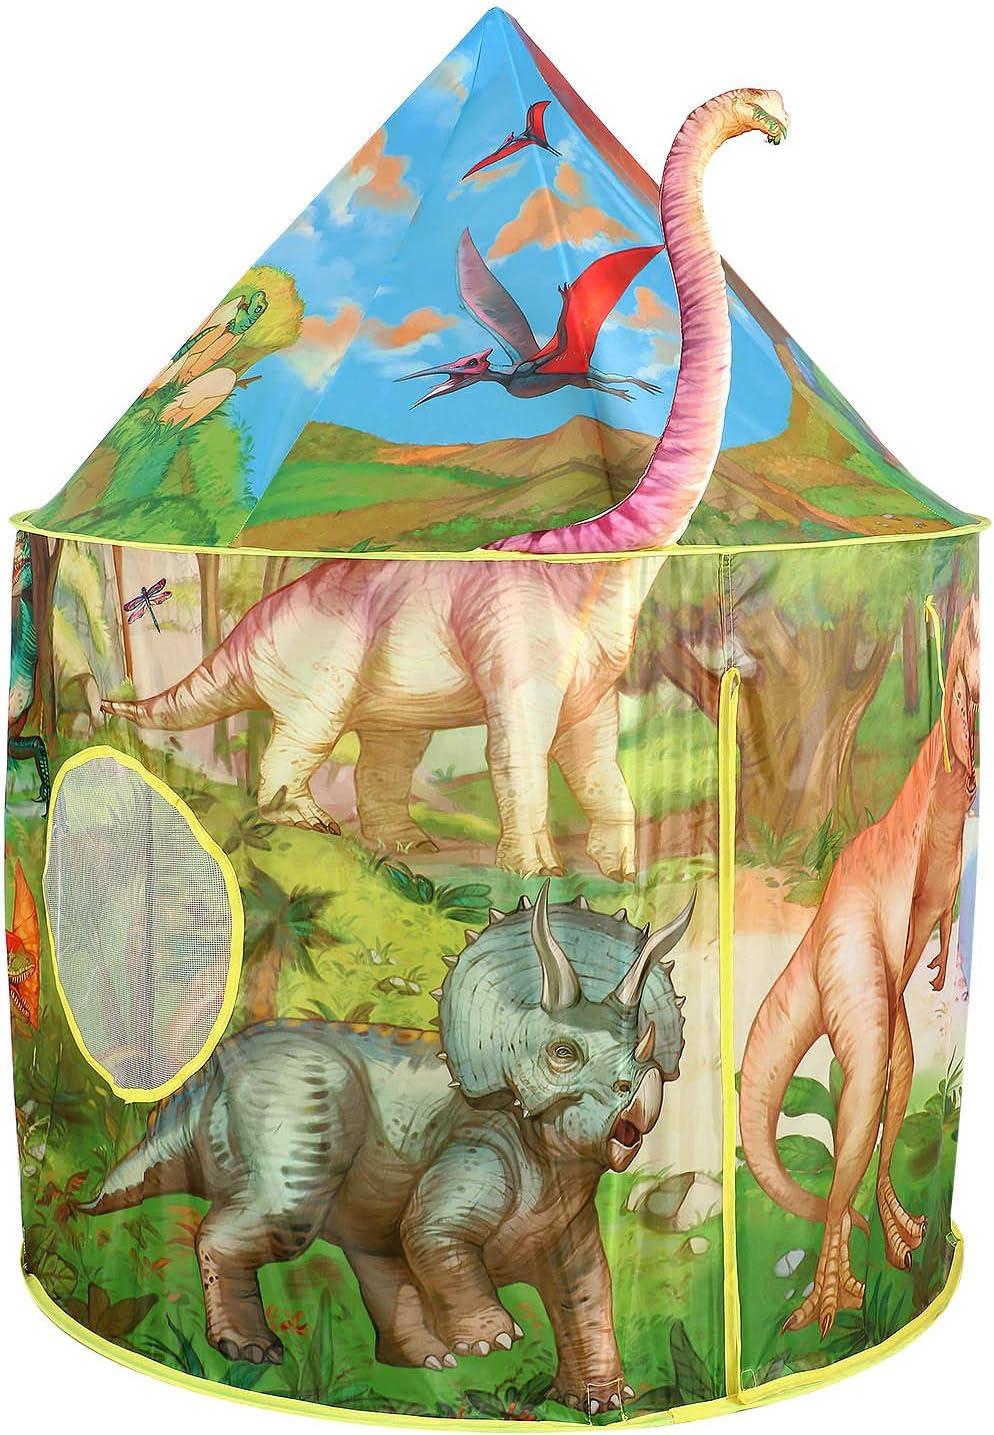 Tacobear Dinosaurio Tienda Campaña Infantil Niños Dinosaurio Carpa Infantil Niños Portátil Tienda Pop Up Casa de Juegos para Interiores y Exteriores con Bolsa de Transporte